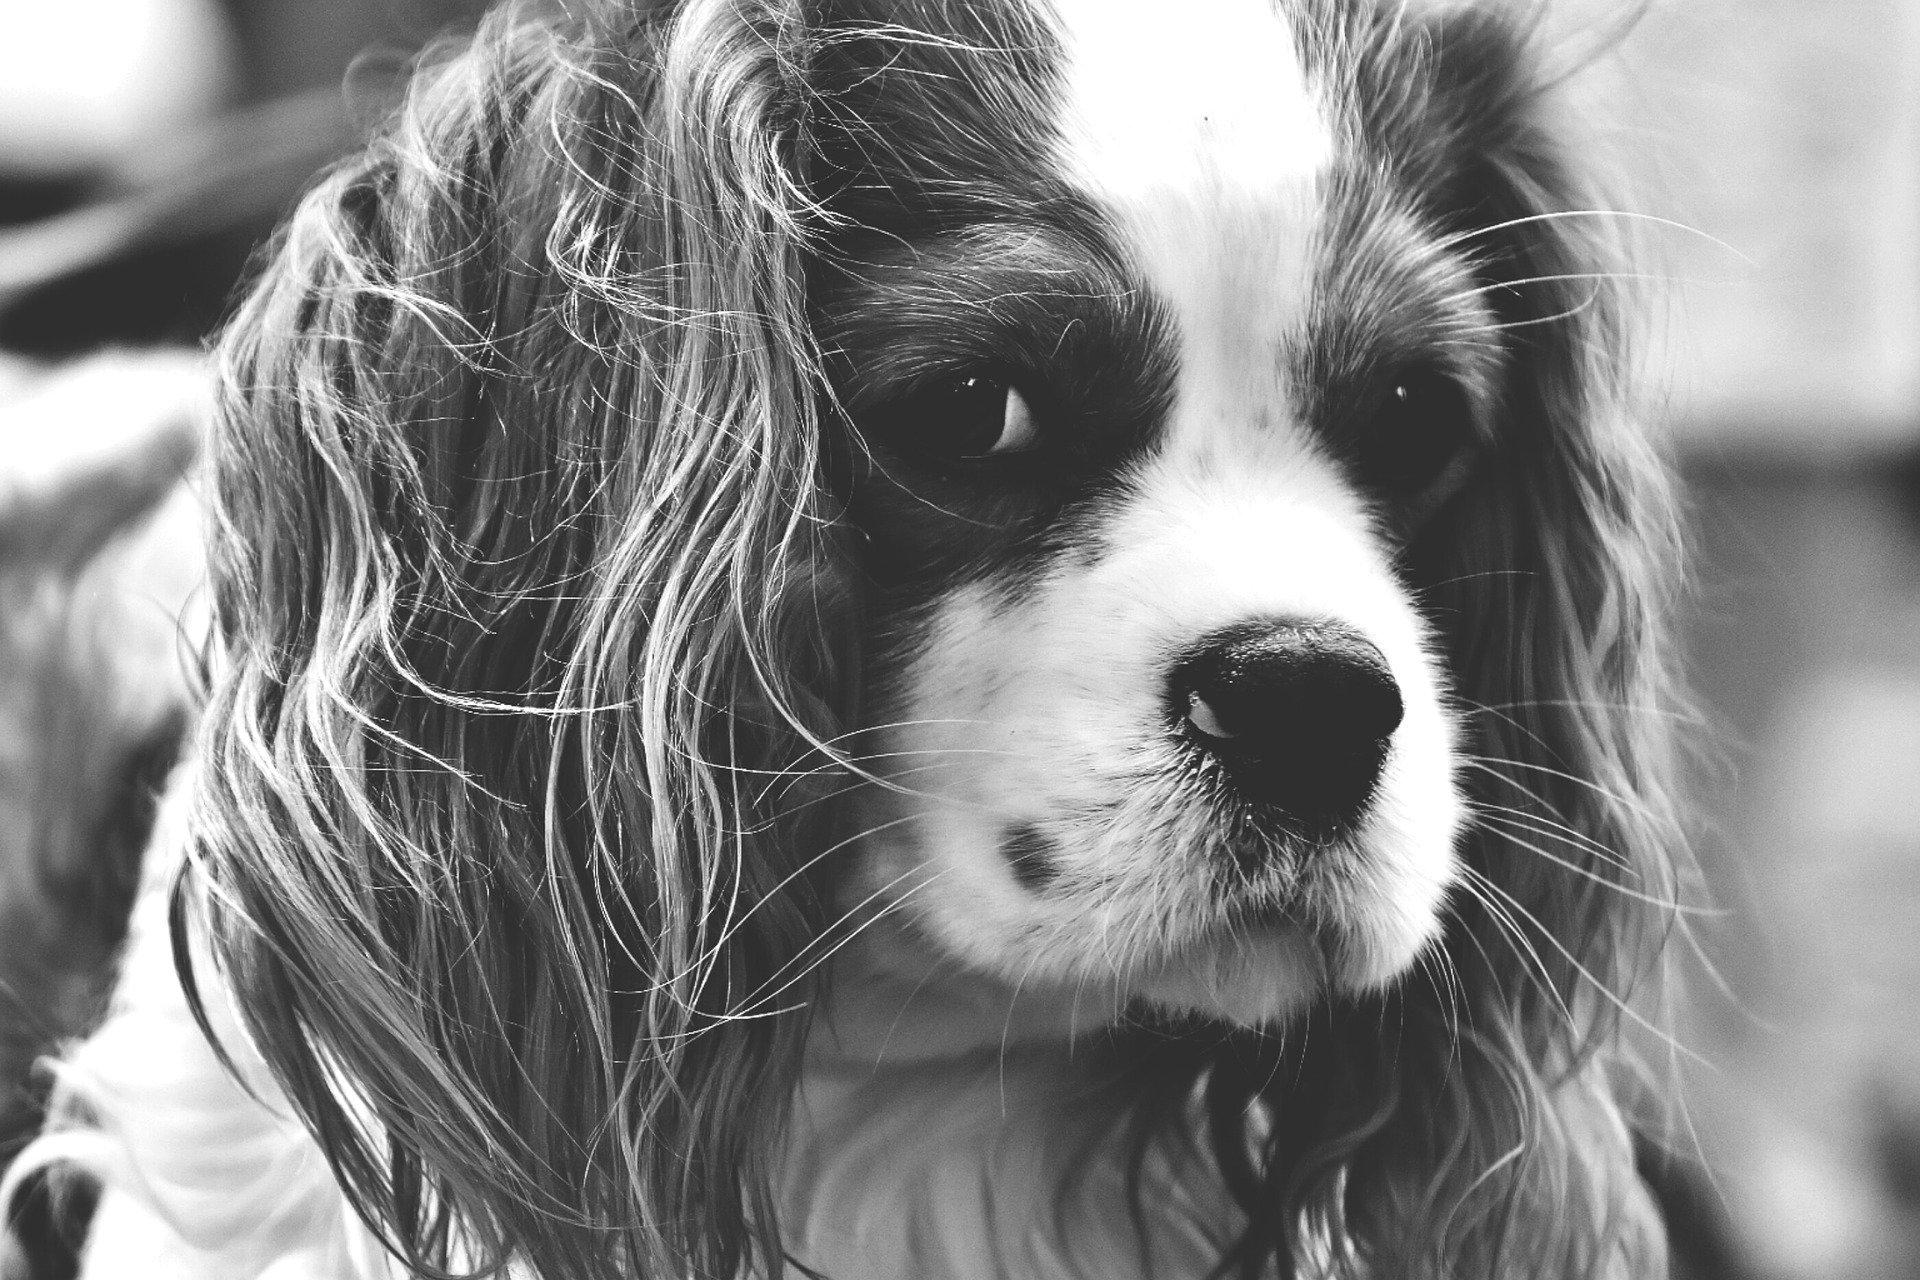 Le malattie dell'apparato respiratorio del cane, diagnosi e trattamento